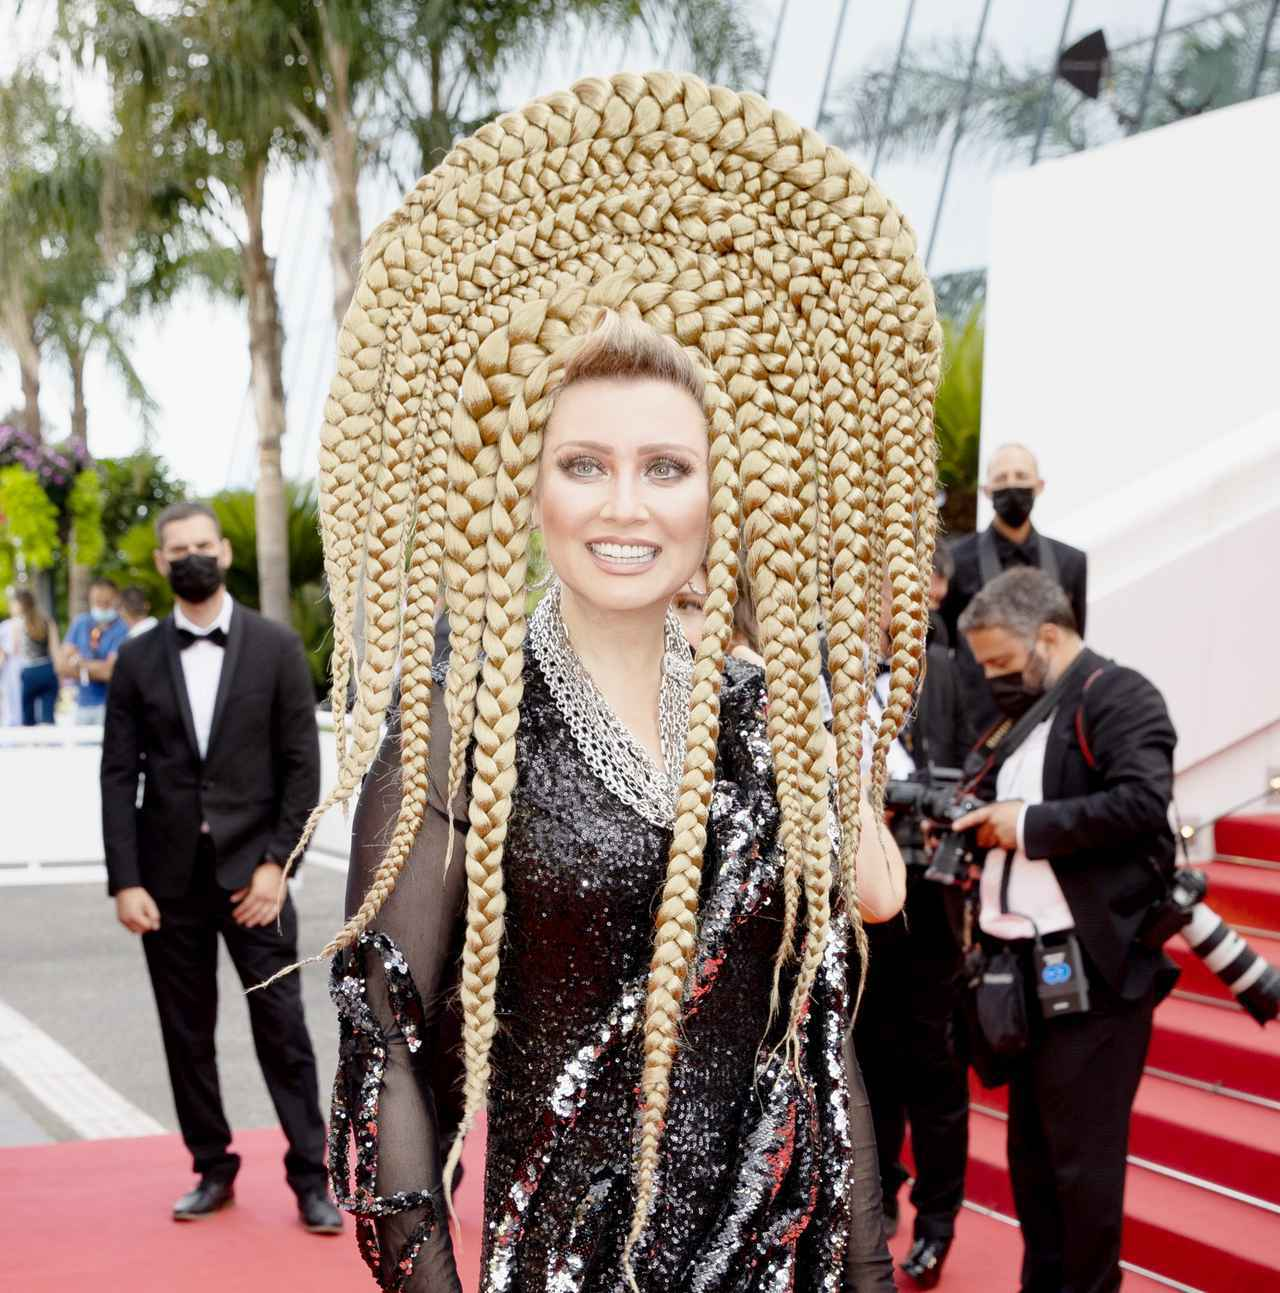 画像2: エレナ・レニーナのド派手なヘアスタイル